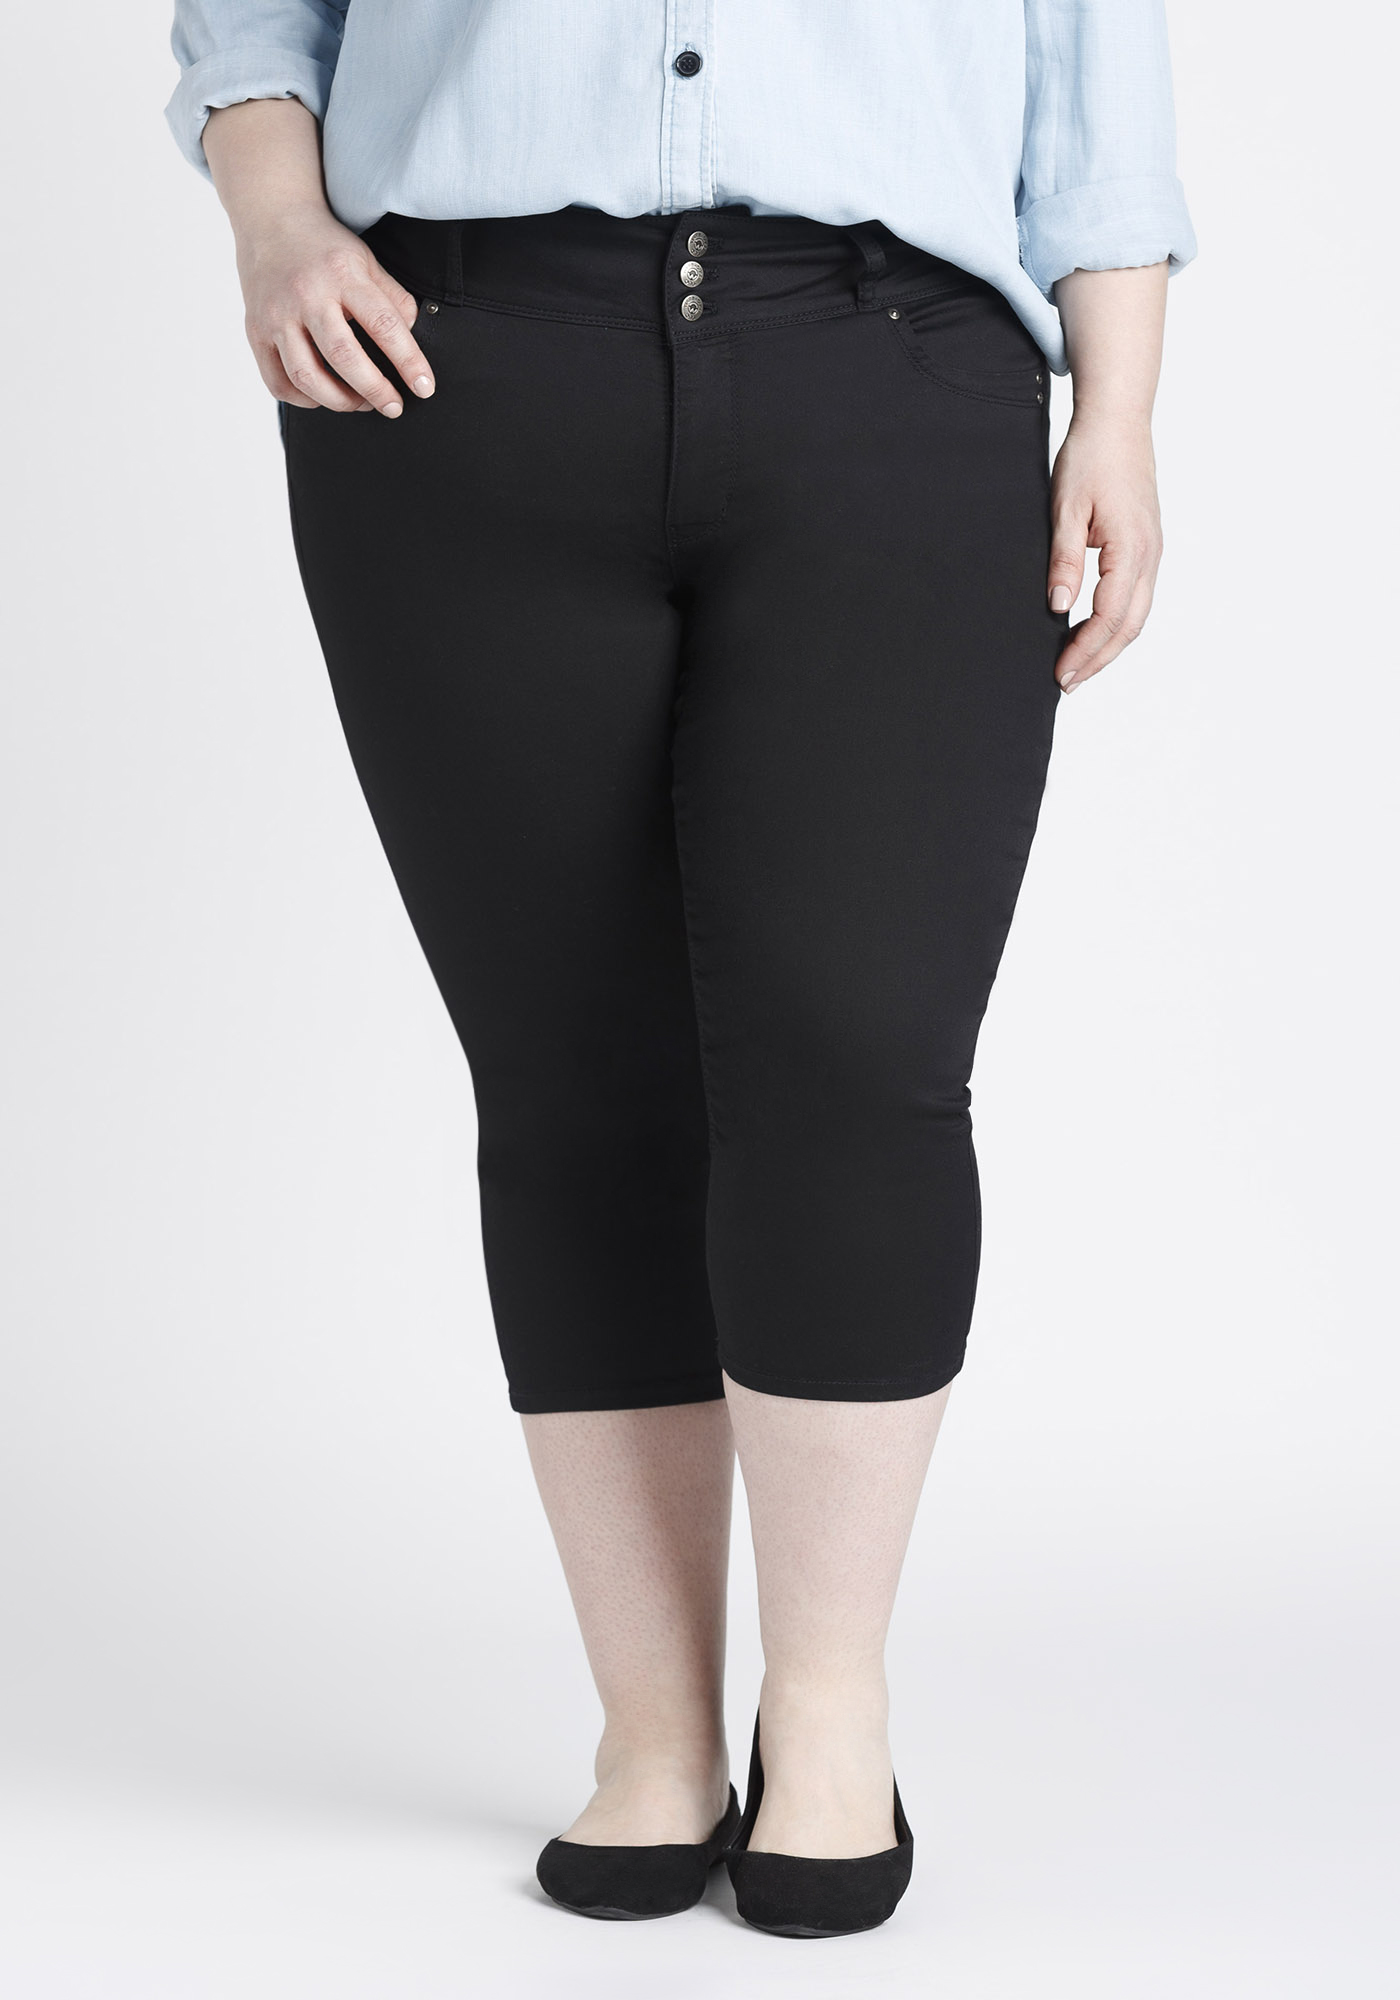 59e2b81b687 Women s Plus Size Skinny Capri